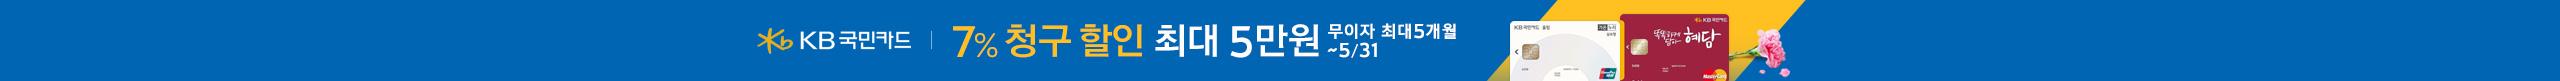 국민카드 청구할인(5.14~)